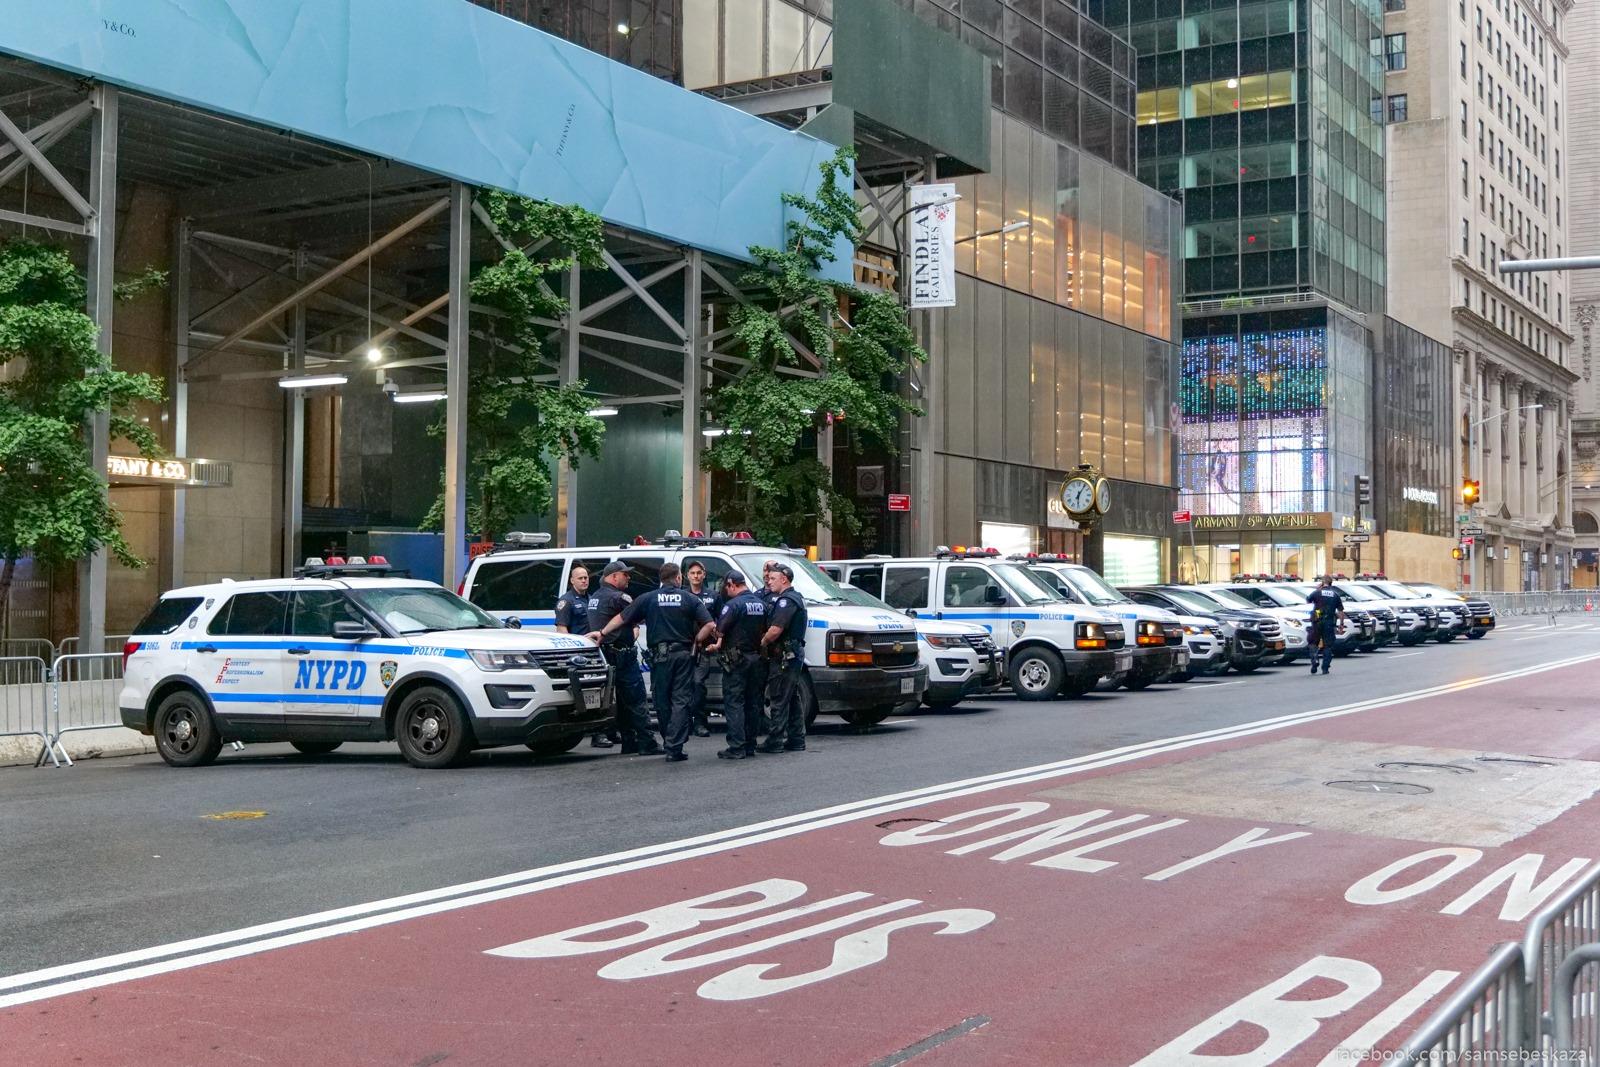 Policia u Tramp-tauer na...